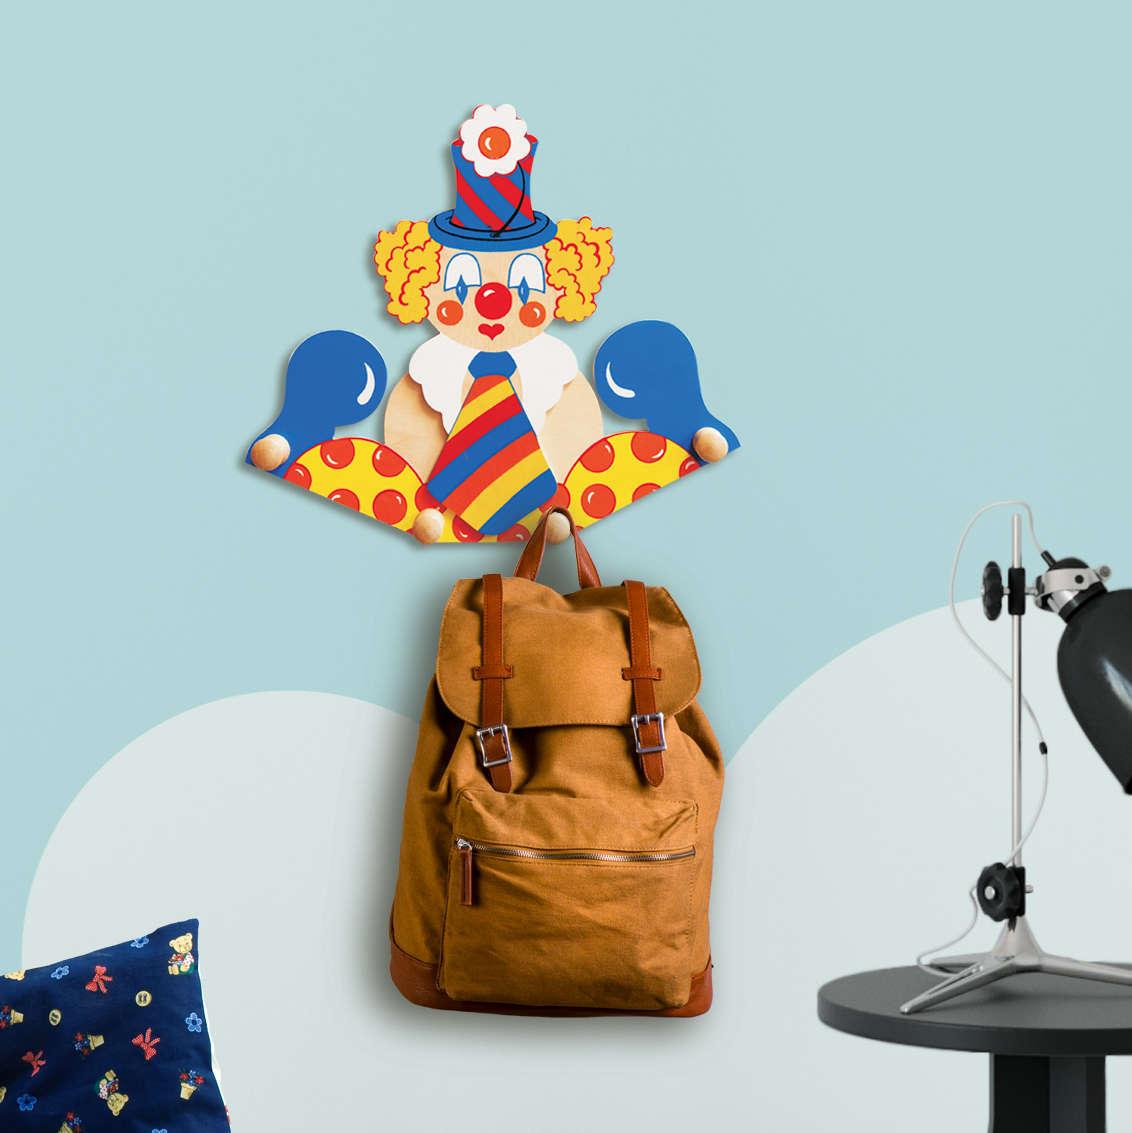 Attaccapanni Da Parete Per Bambini.Attaccapanni Da Parete Per Bambini Clown Cravatta